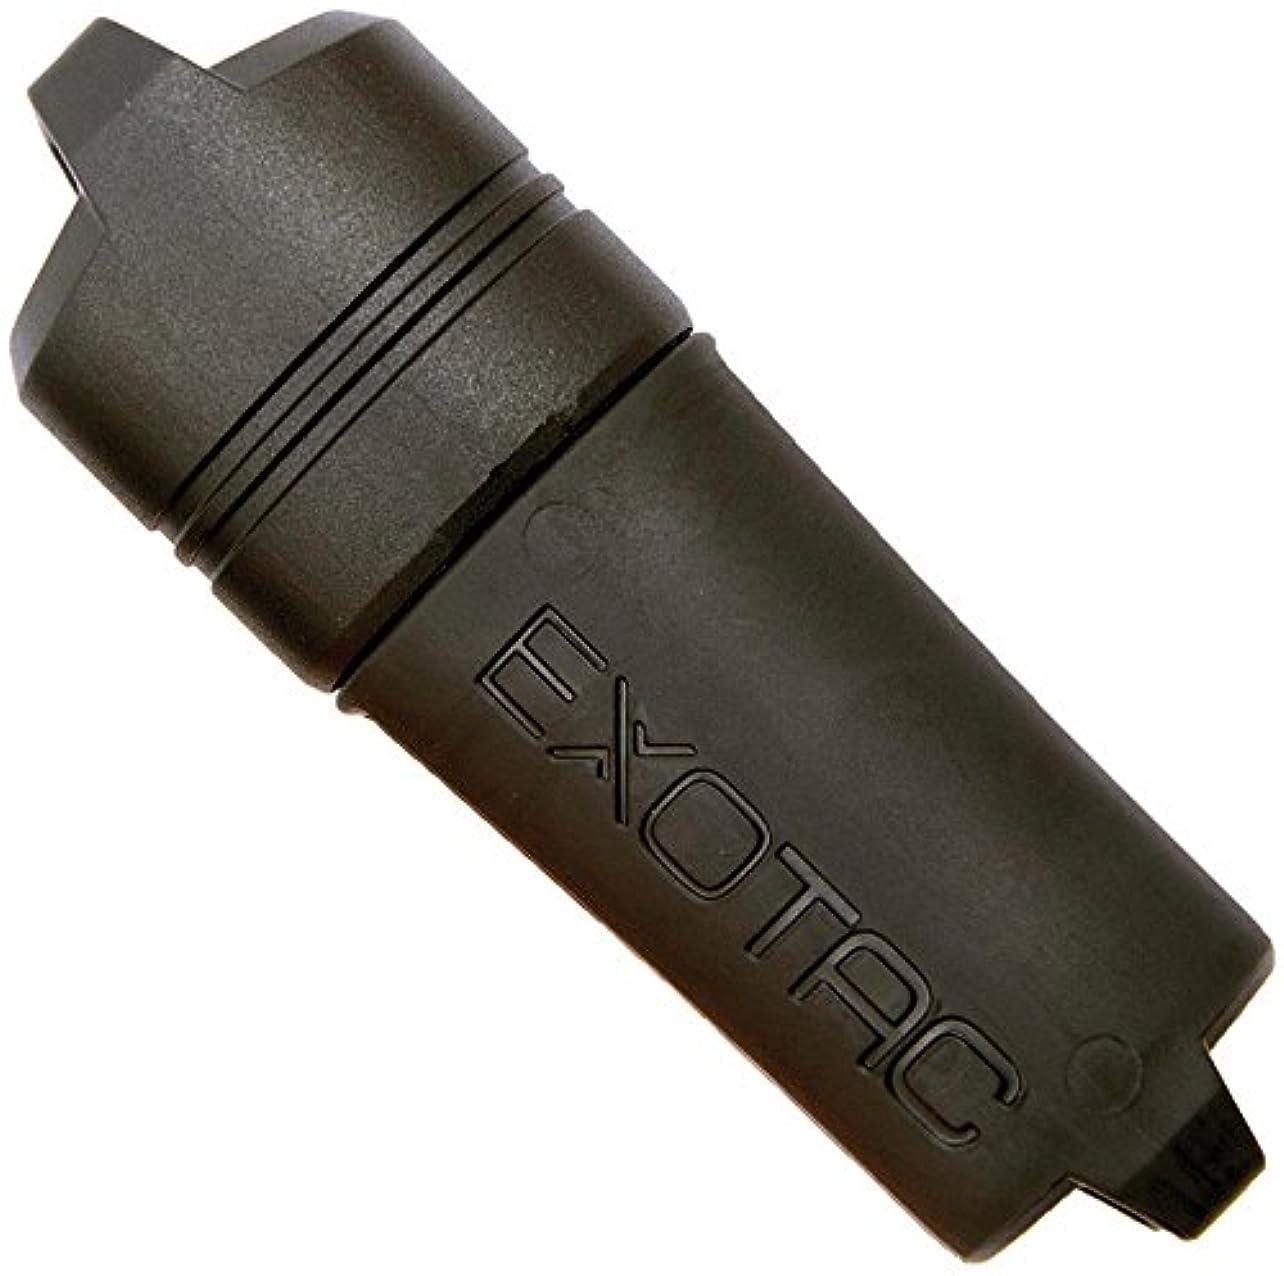 遠足で出来ている数EXOTAC(エクスタック) ファイヤースリーブ ブラック EX05005BLK